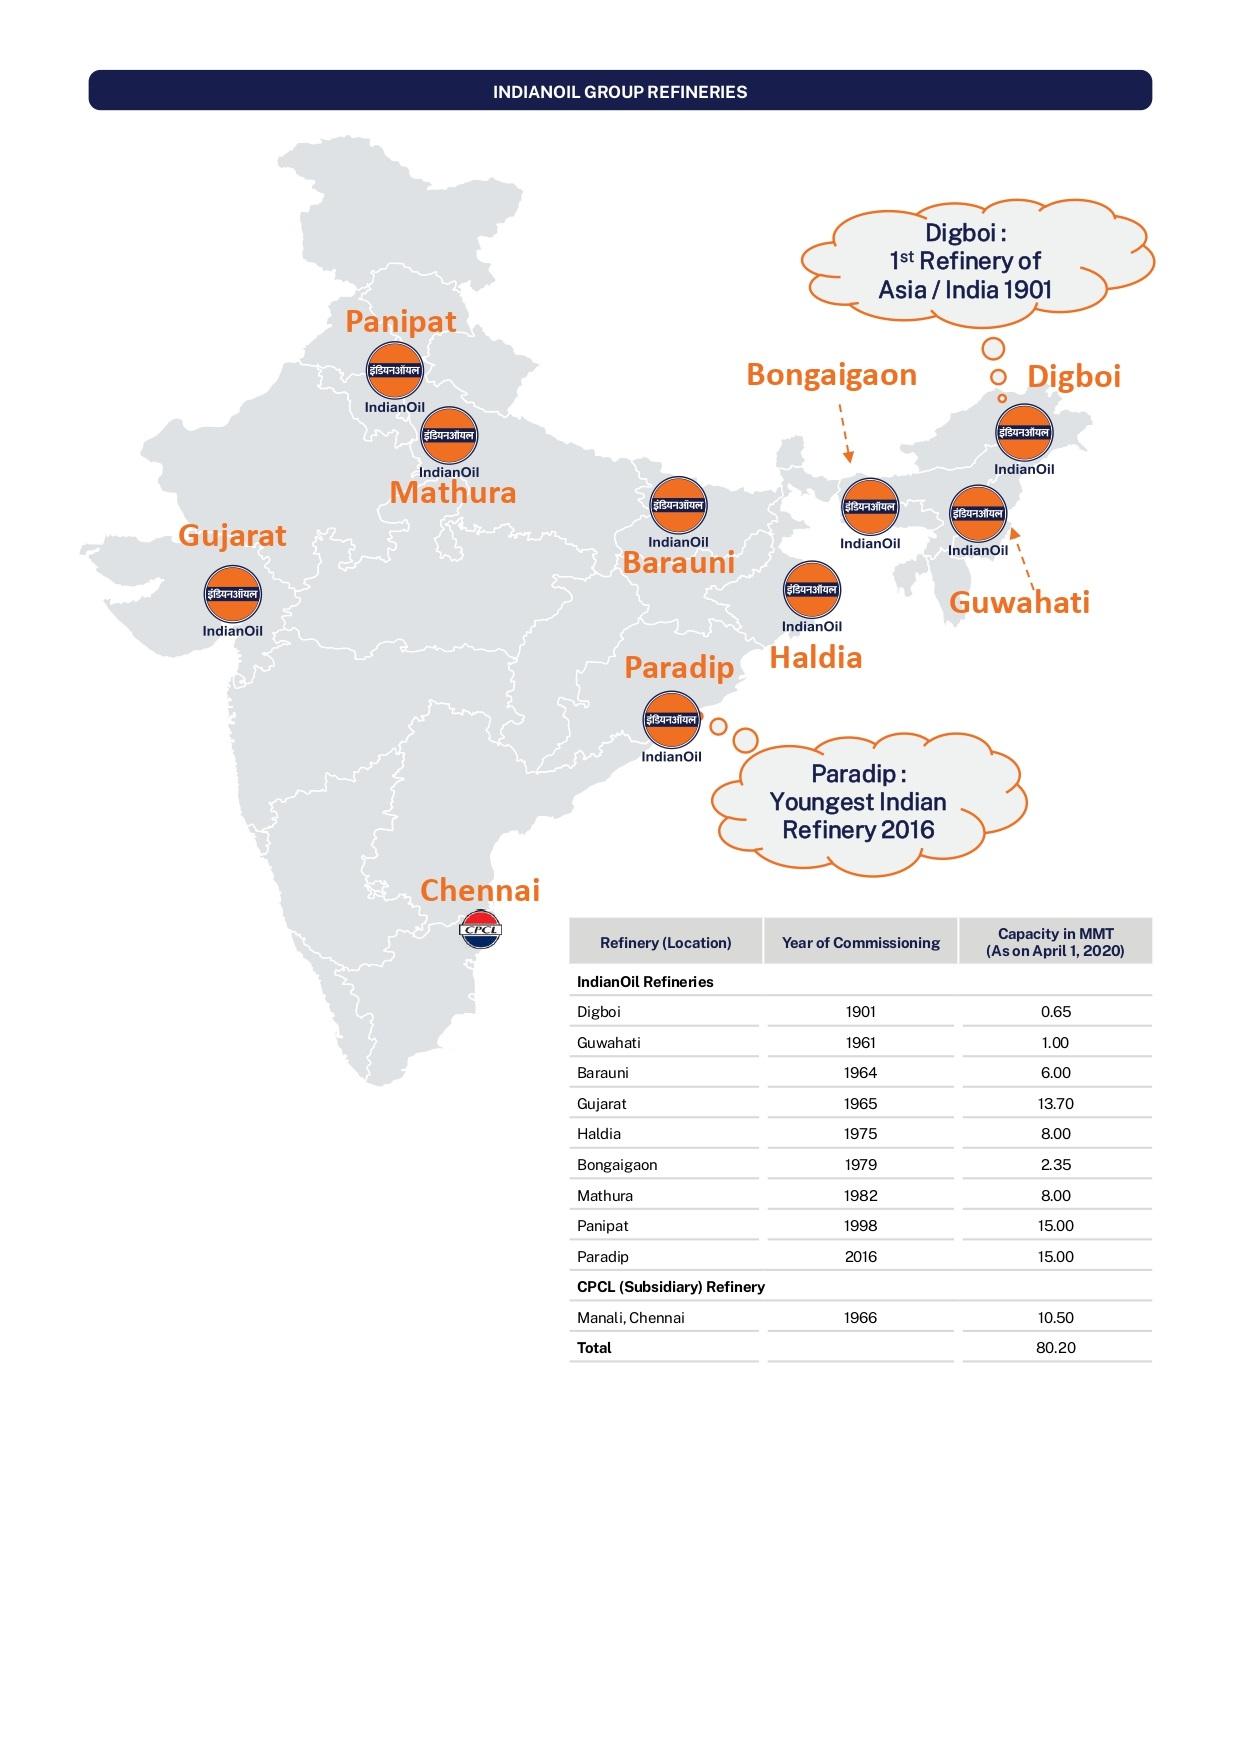 https://finpedia.co/bin/download/Indian%20Oil%20Corp%20Ltd/WebHome/iocref.jpg?rev=1.1